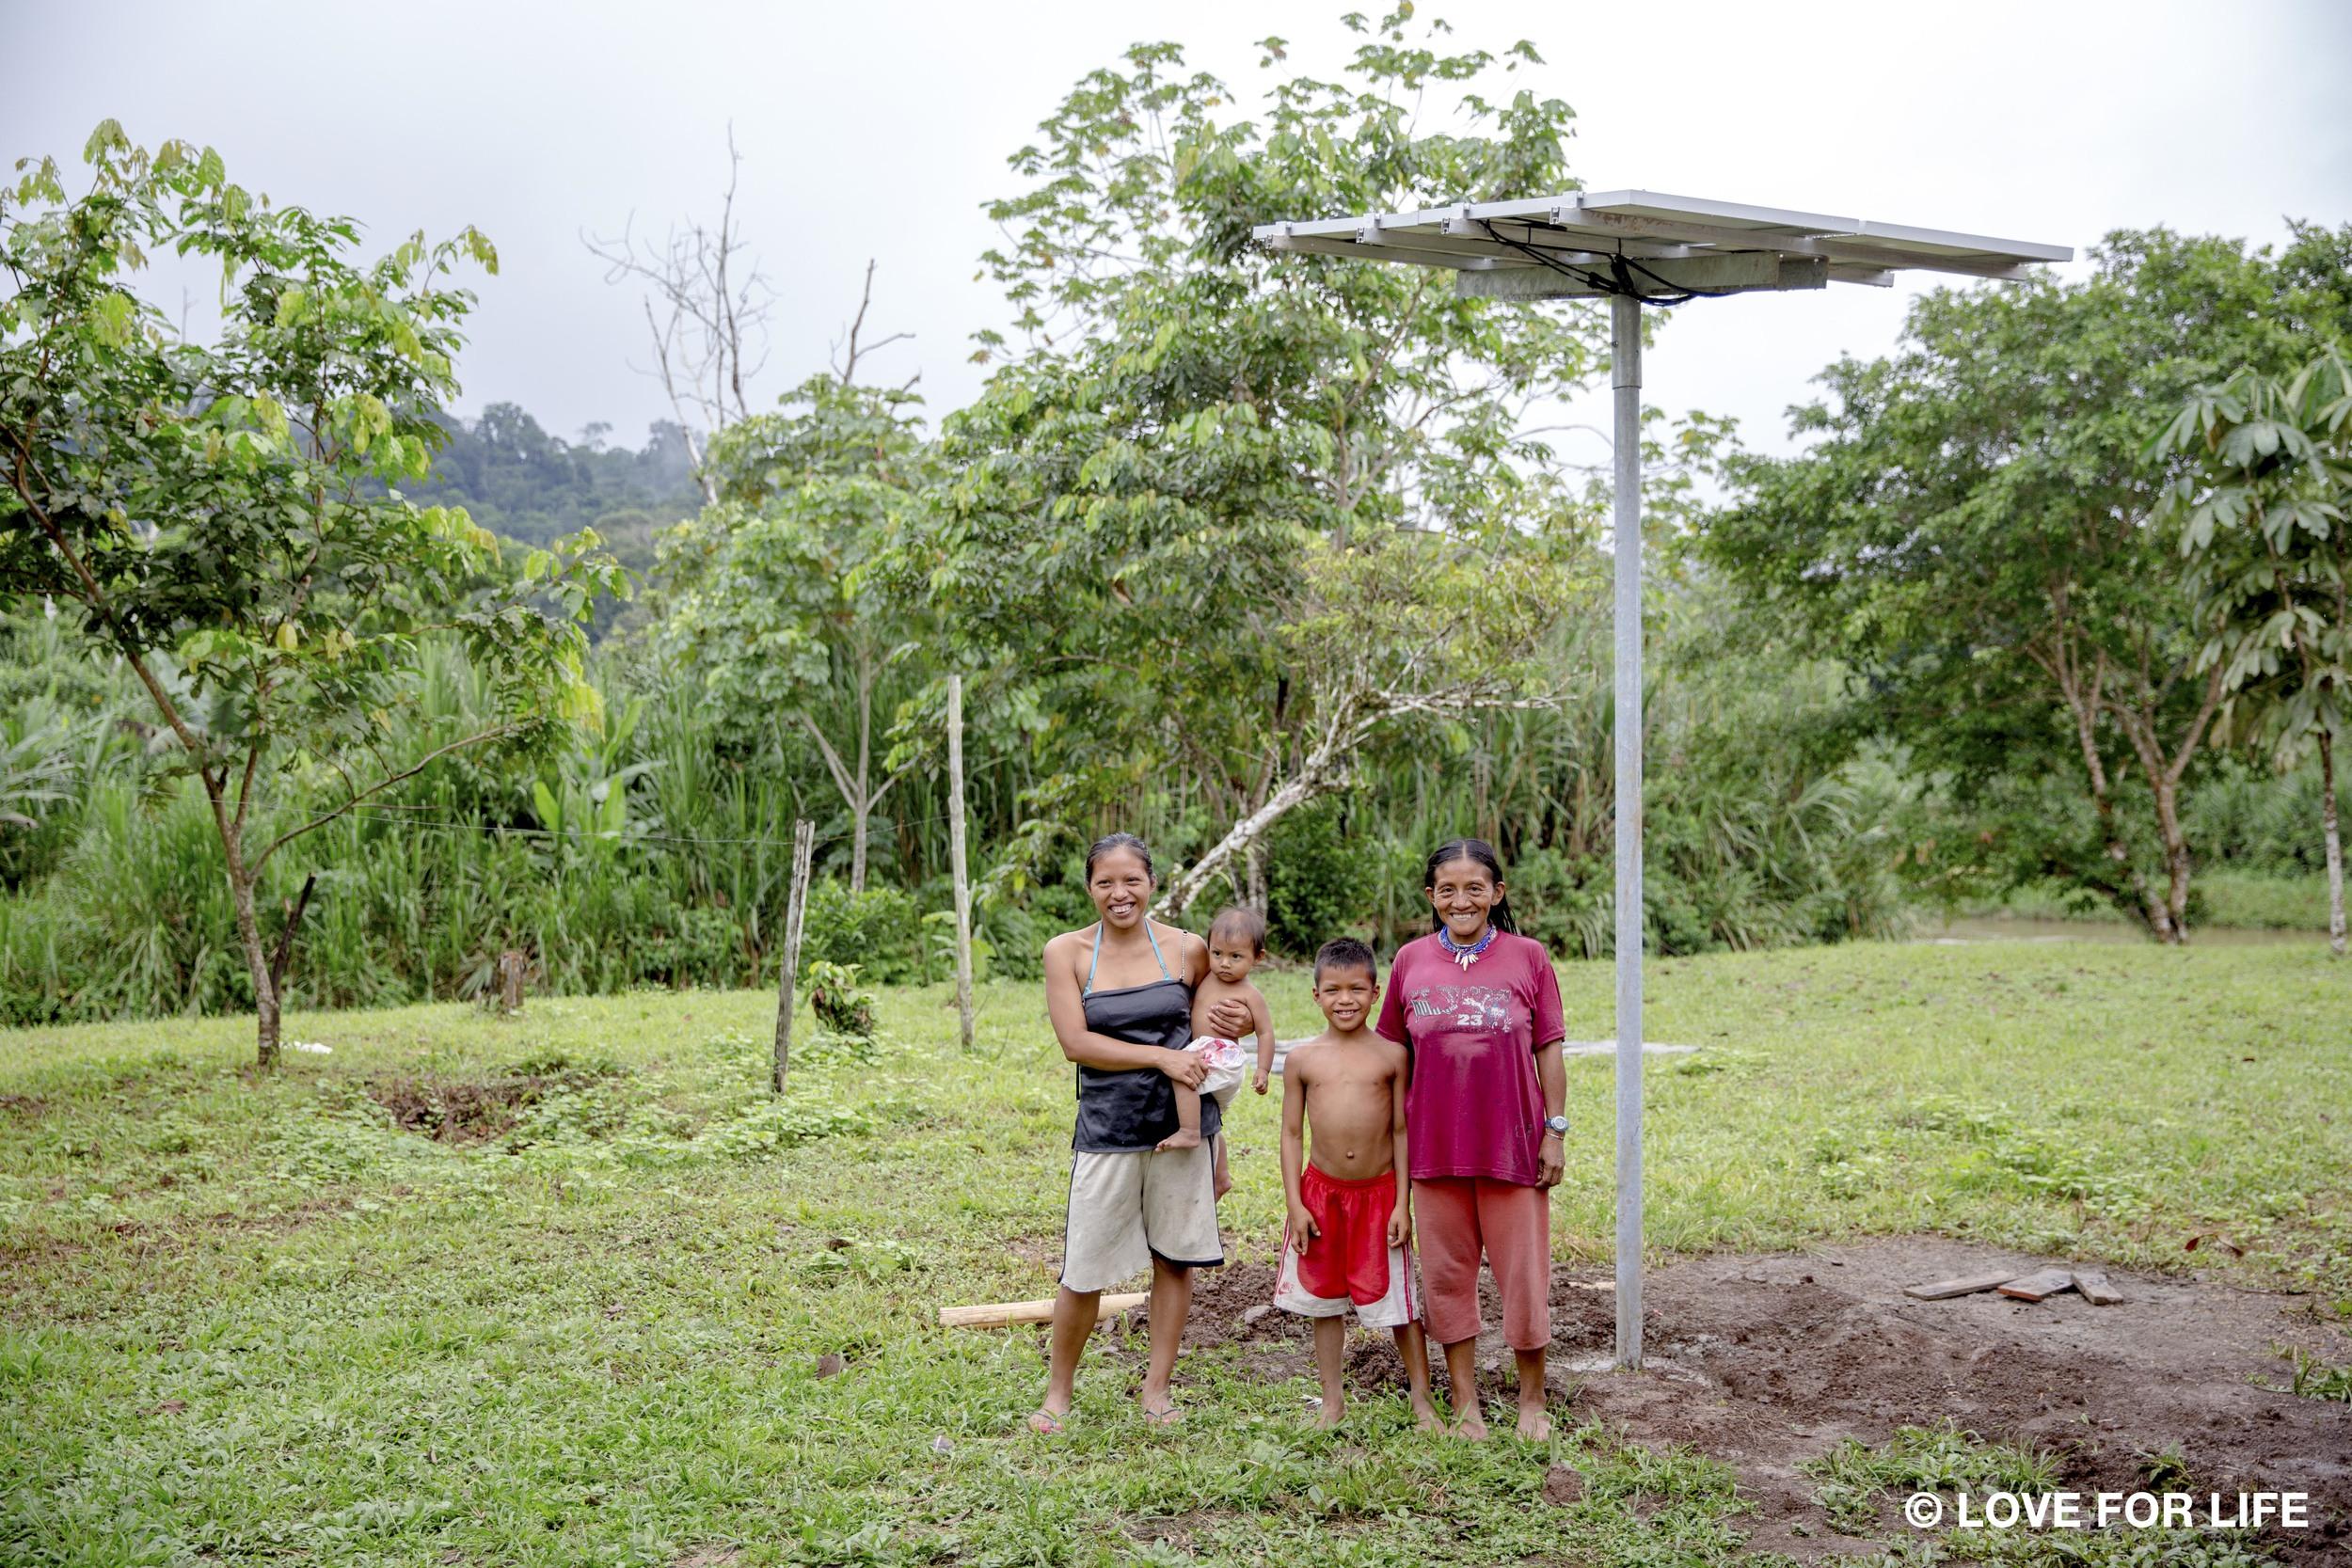 Montagesystem von Arausol mit einer Waorani-Familie in der Gemeinde Kiwaru im Amazonas von Ecuador.